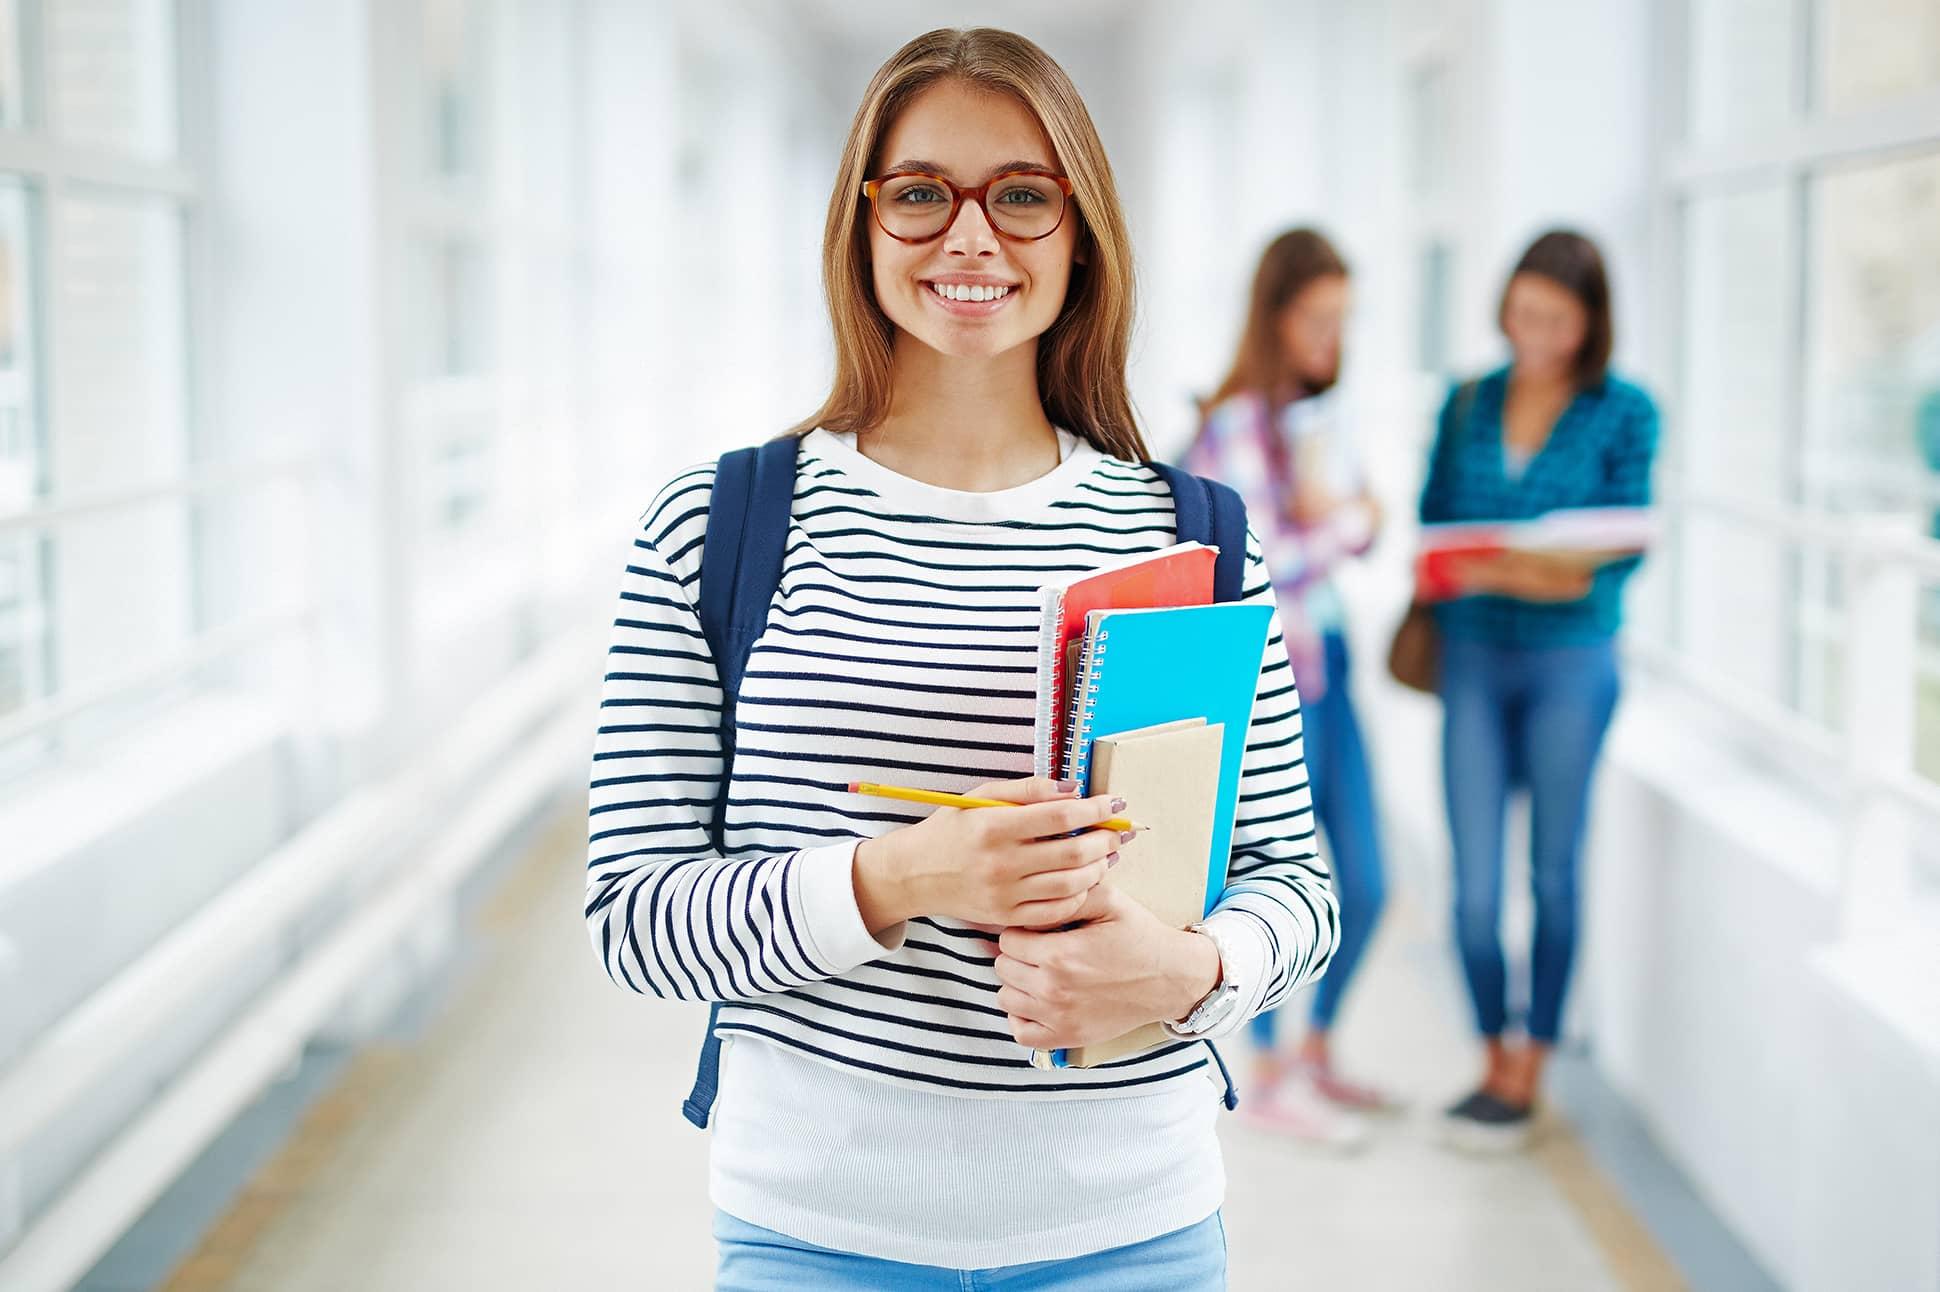 Gesellenprüfung Teil 2: Der Abschluss der Augenoptiker-Ausbildung